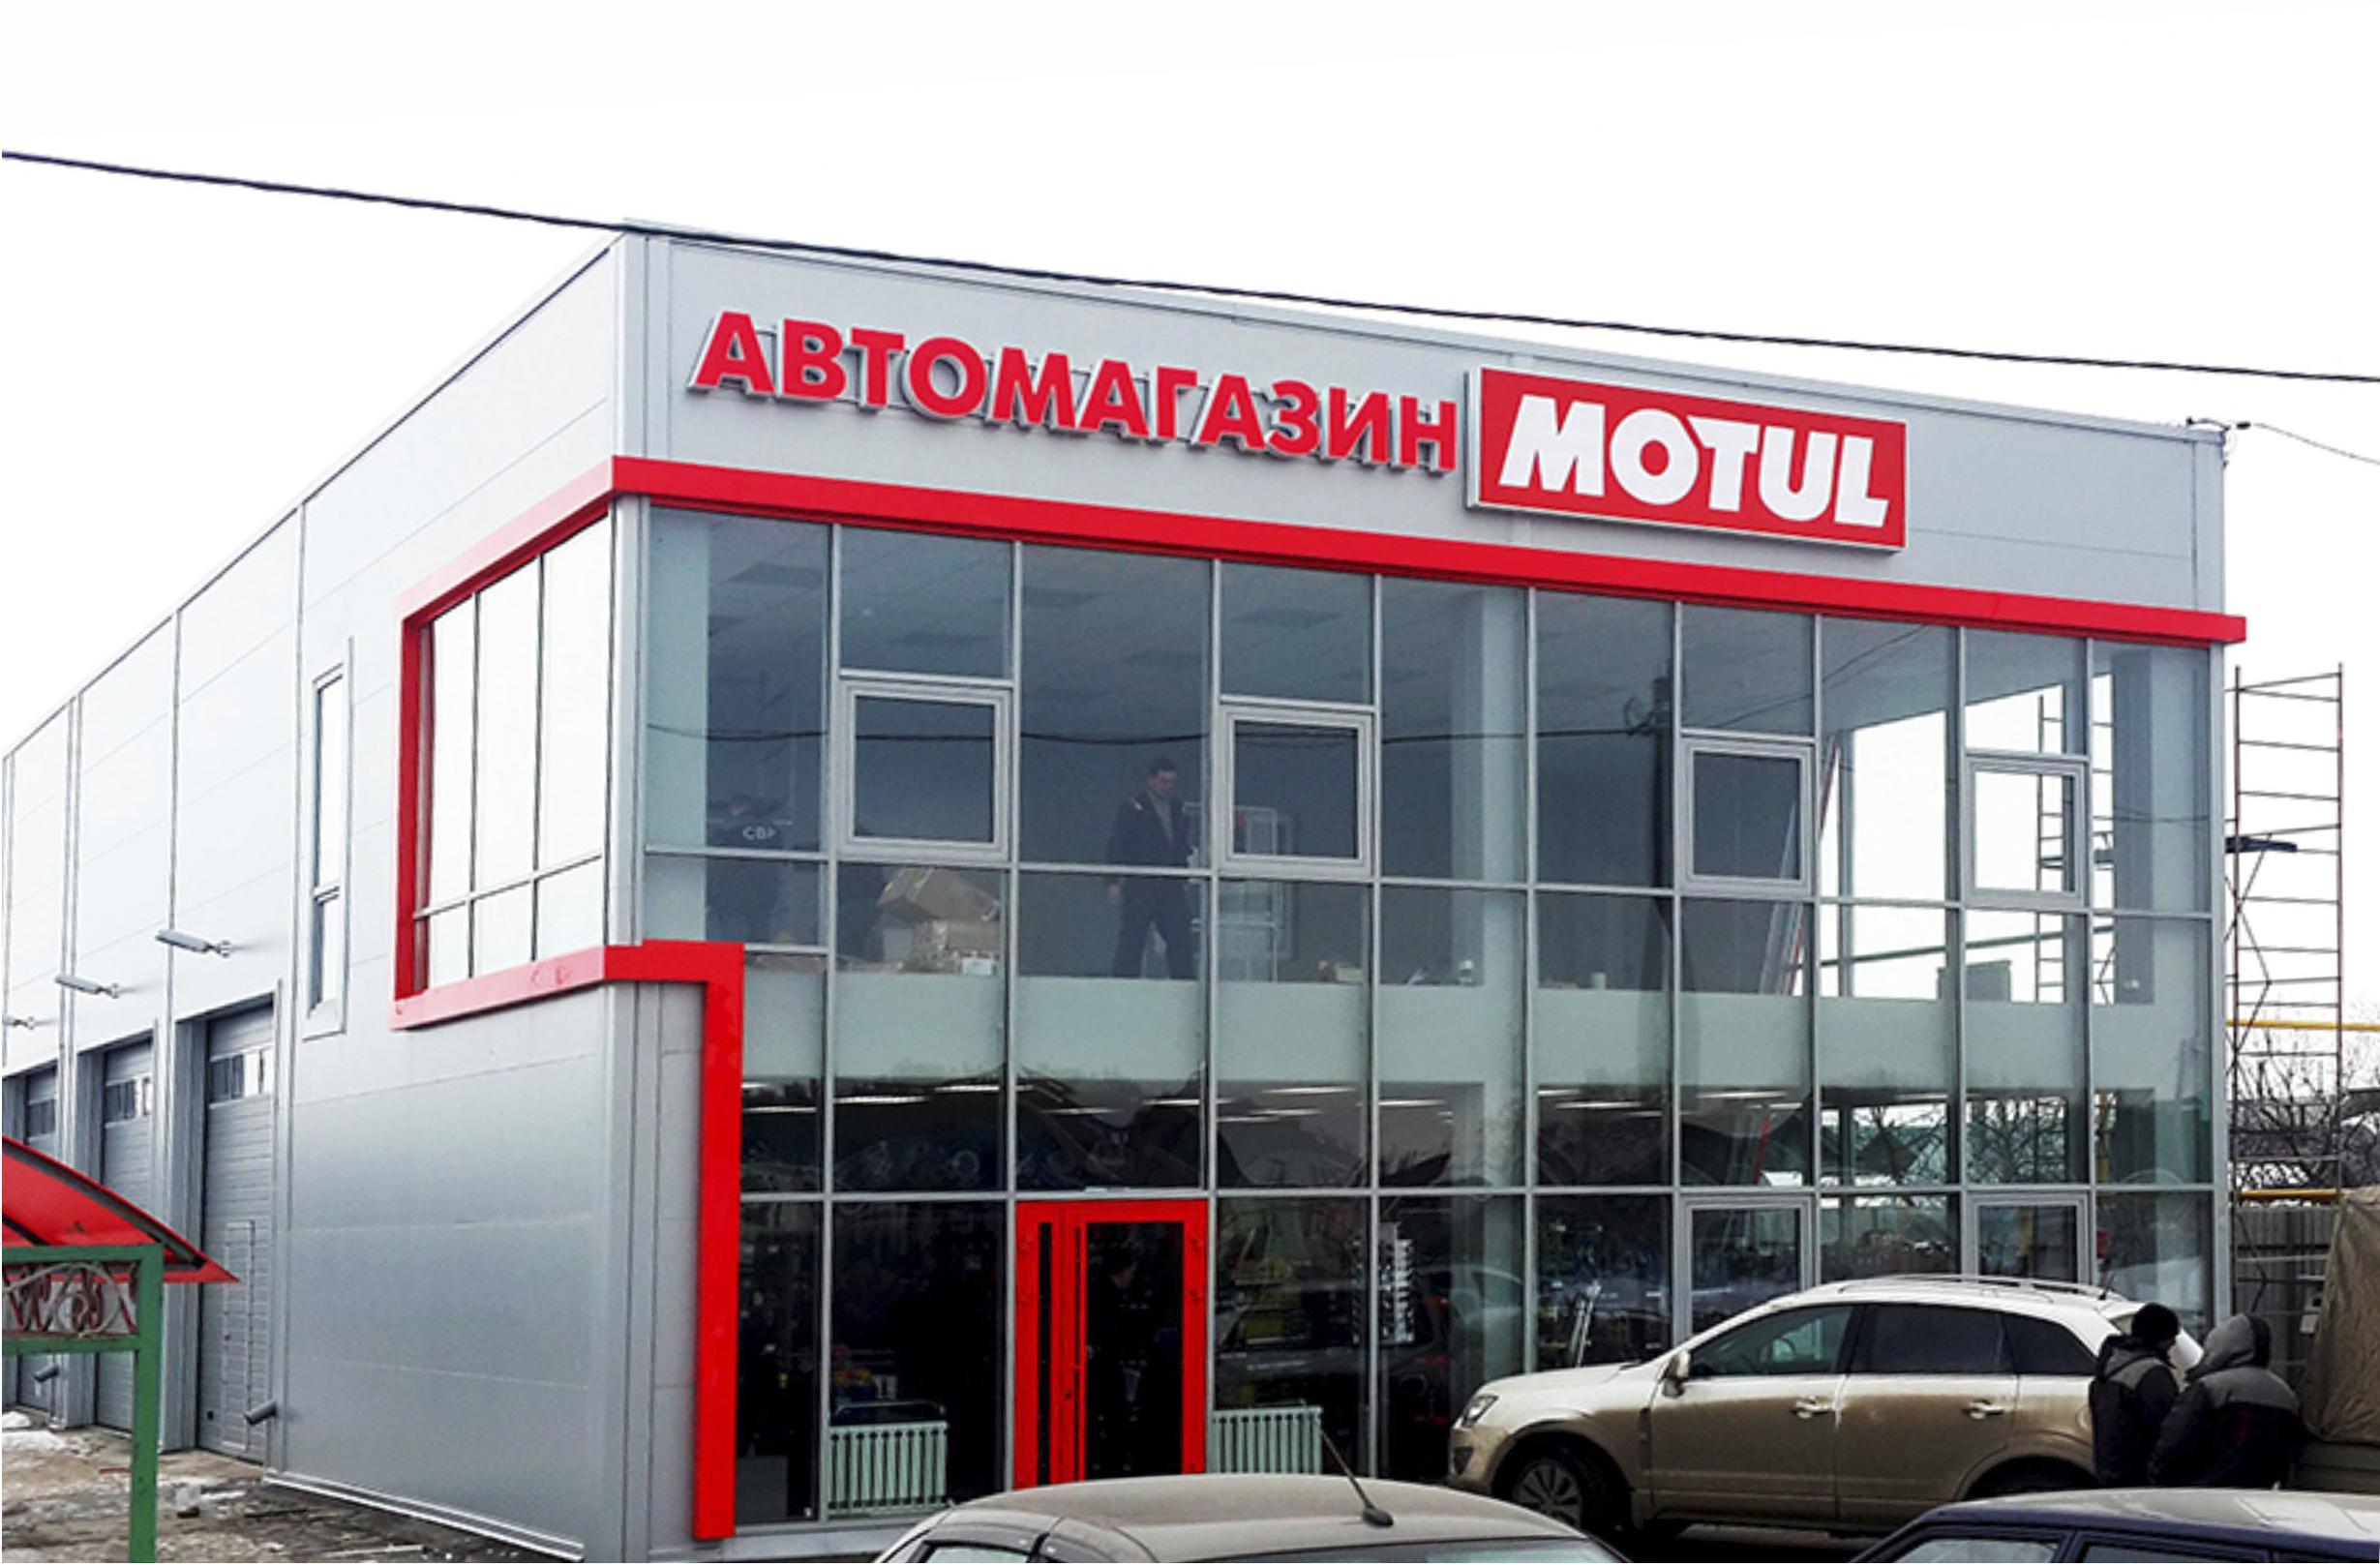 Автомагазин Motul